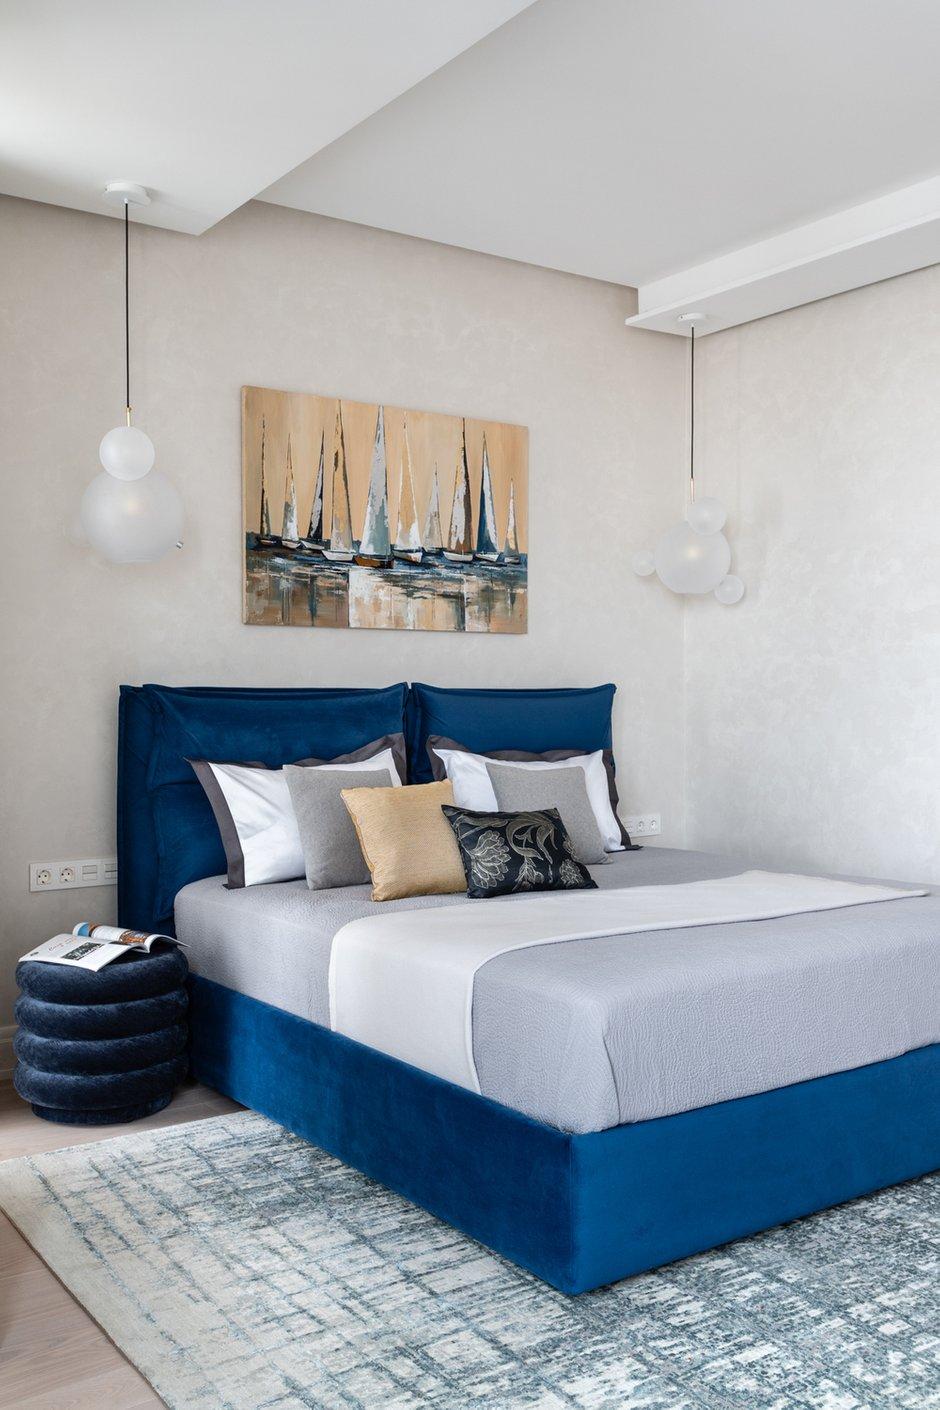 Гостевая спальня оформлена более лаконично. Акцентом стала кровать в обивке насыщенного синего цвета.